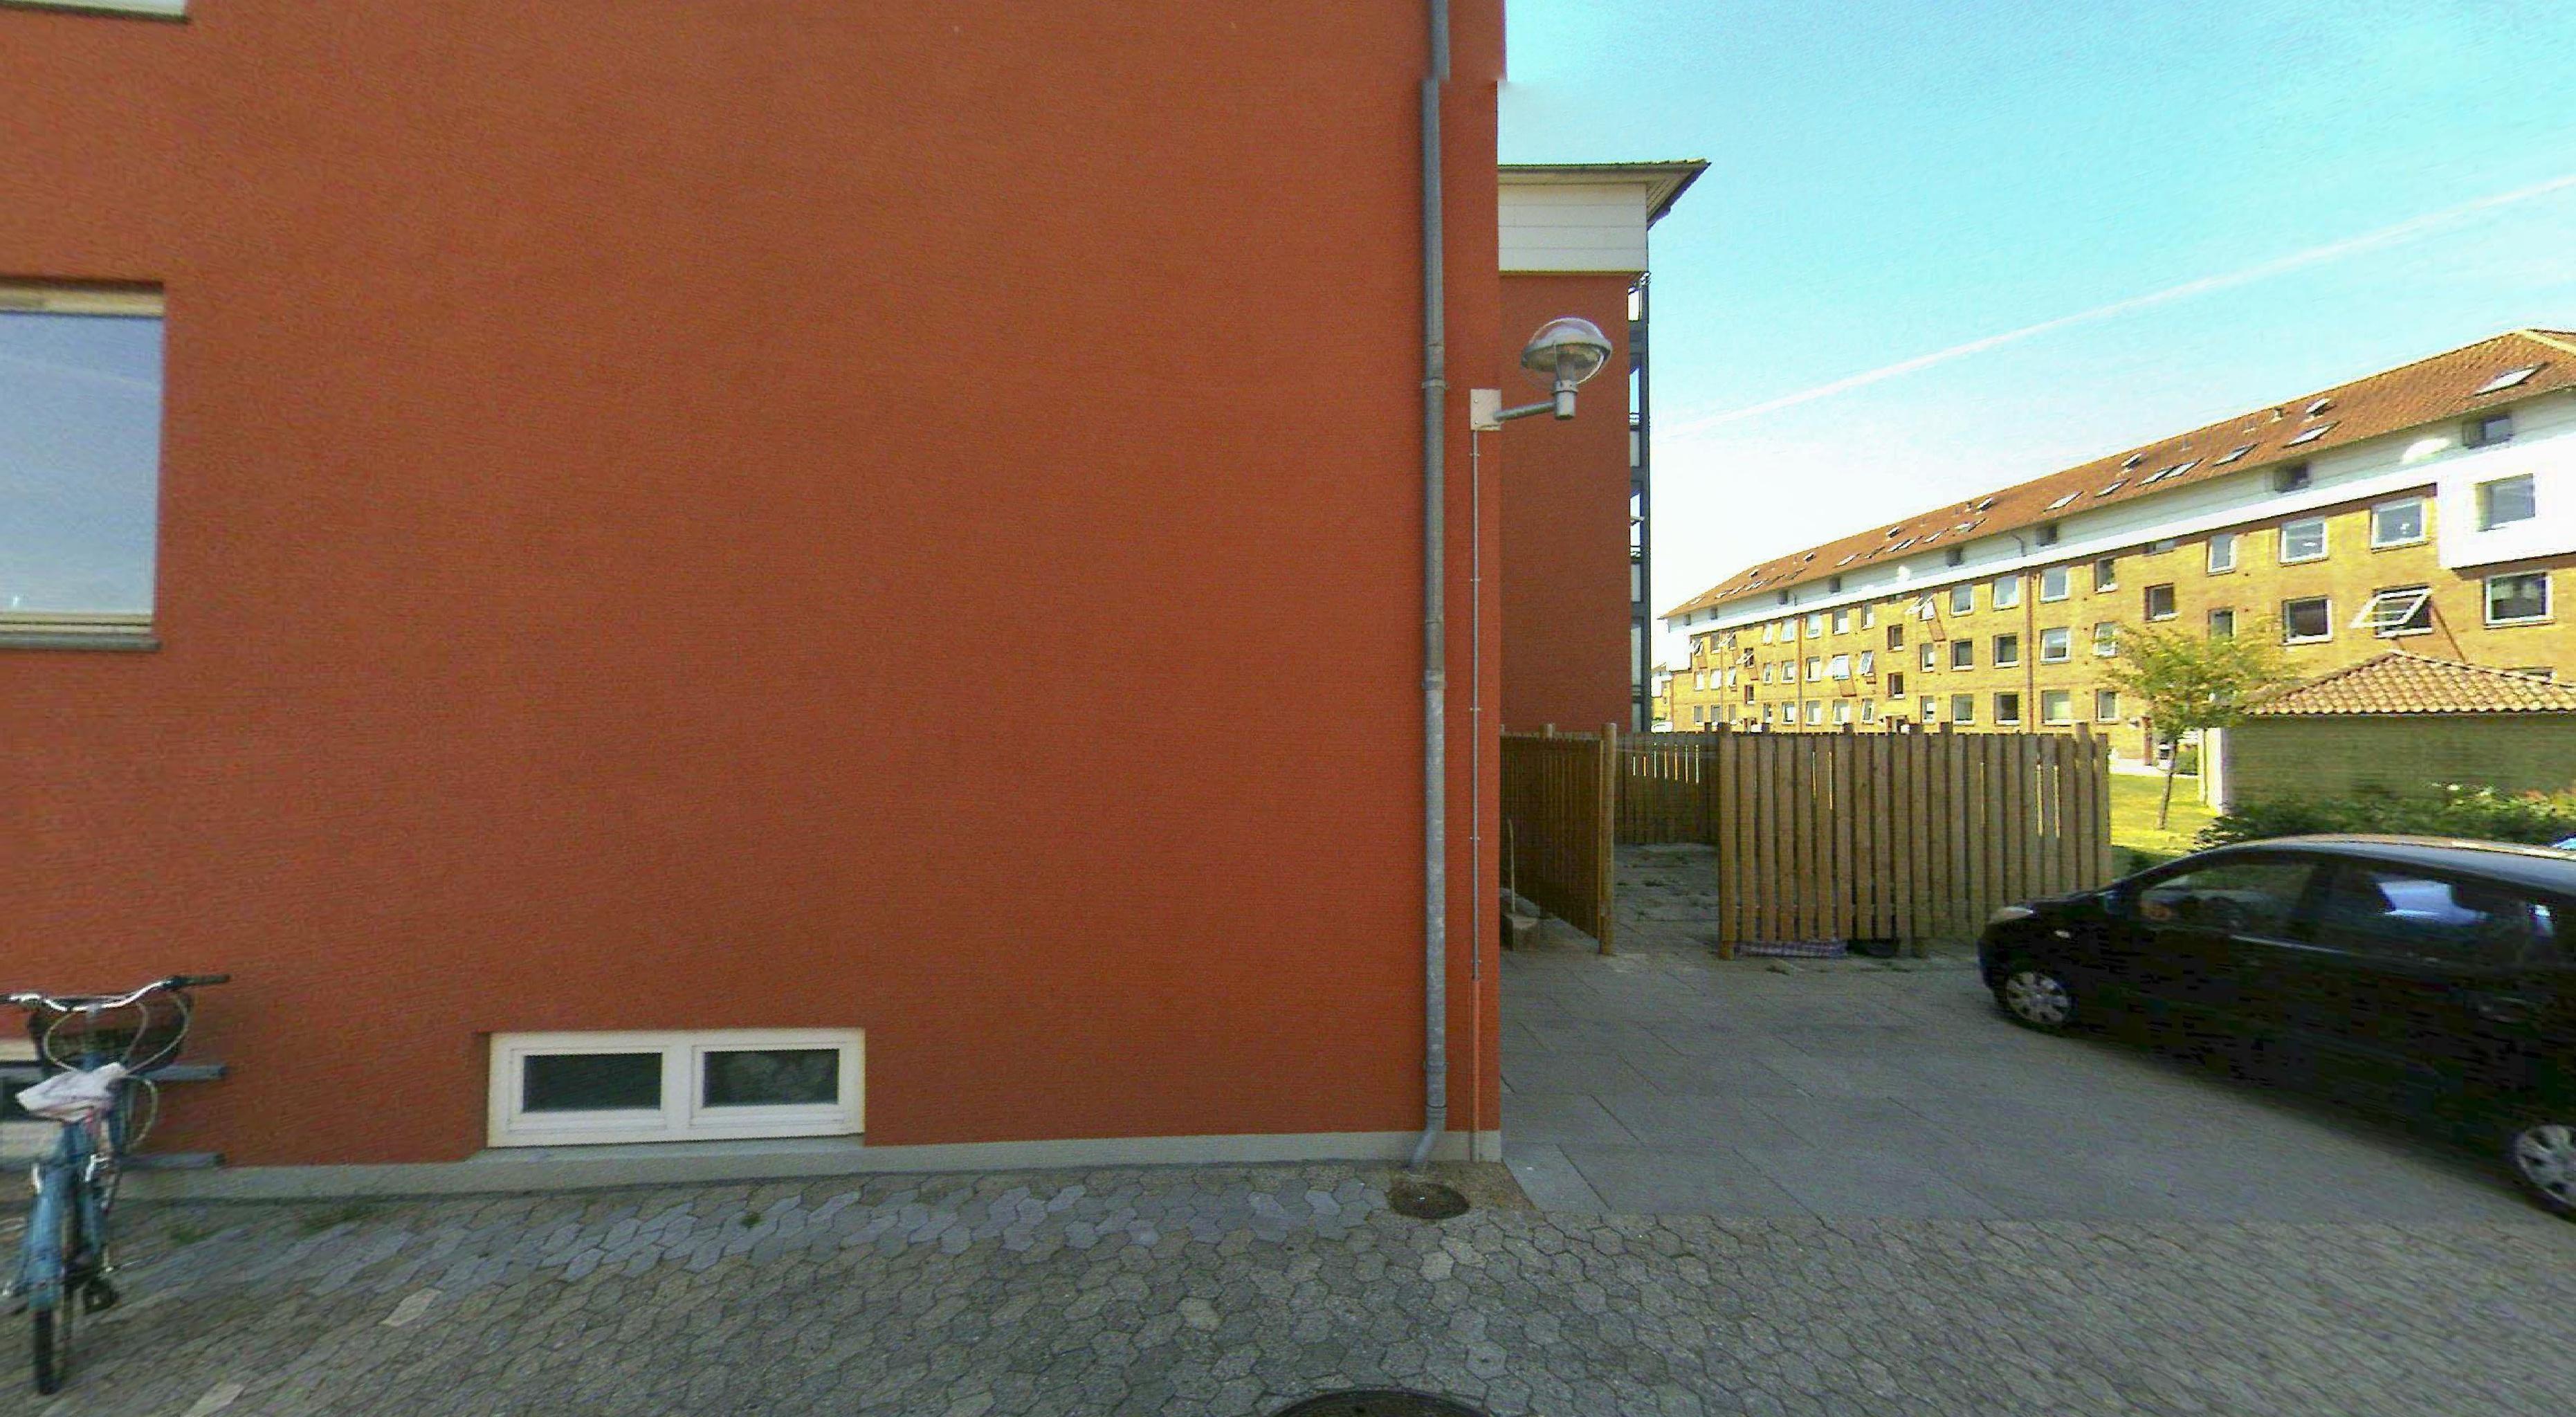 Boligafdeling 002-0, Sønderkærgården: Boligtype-1